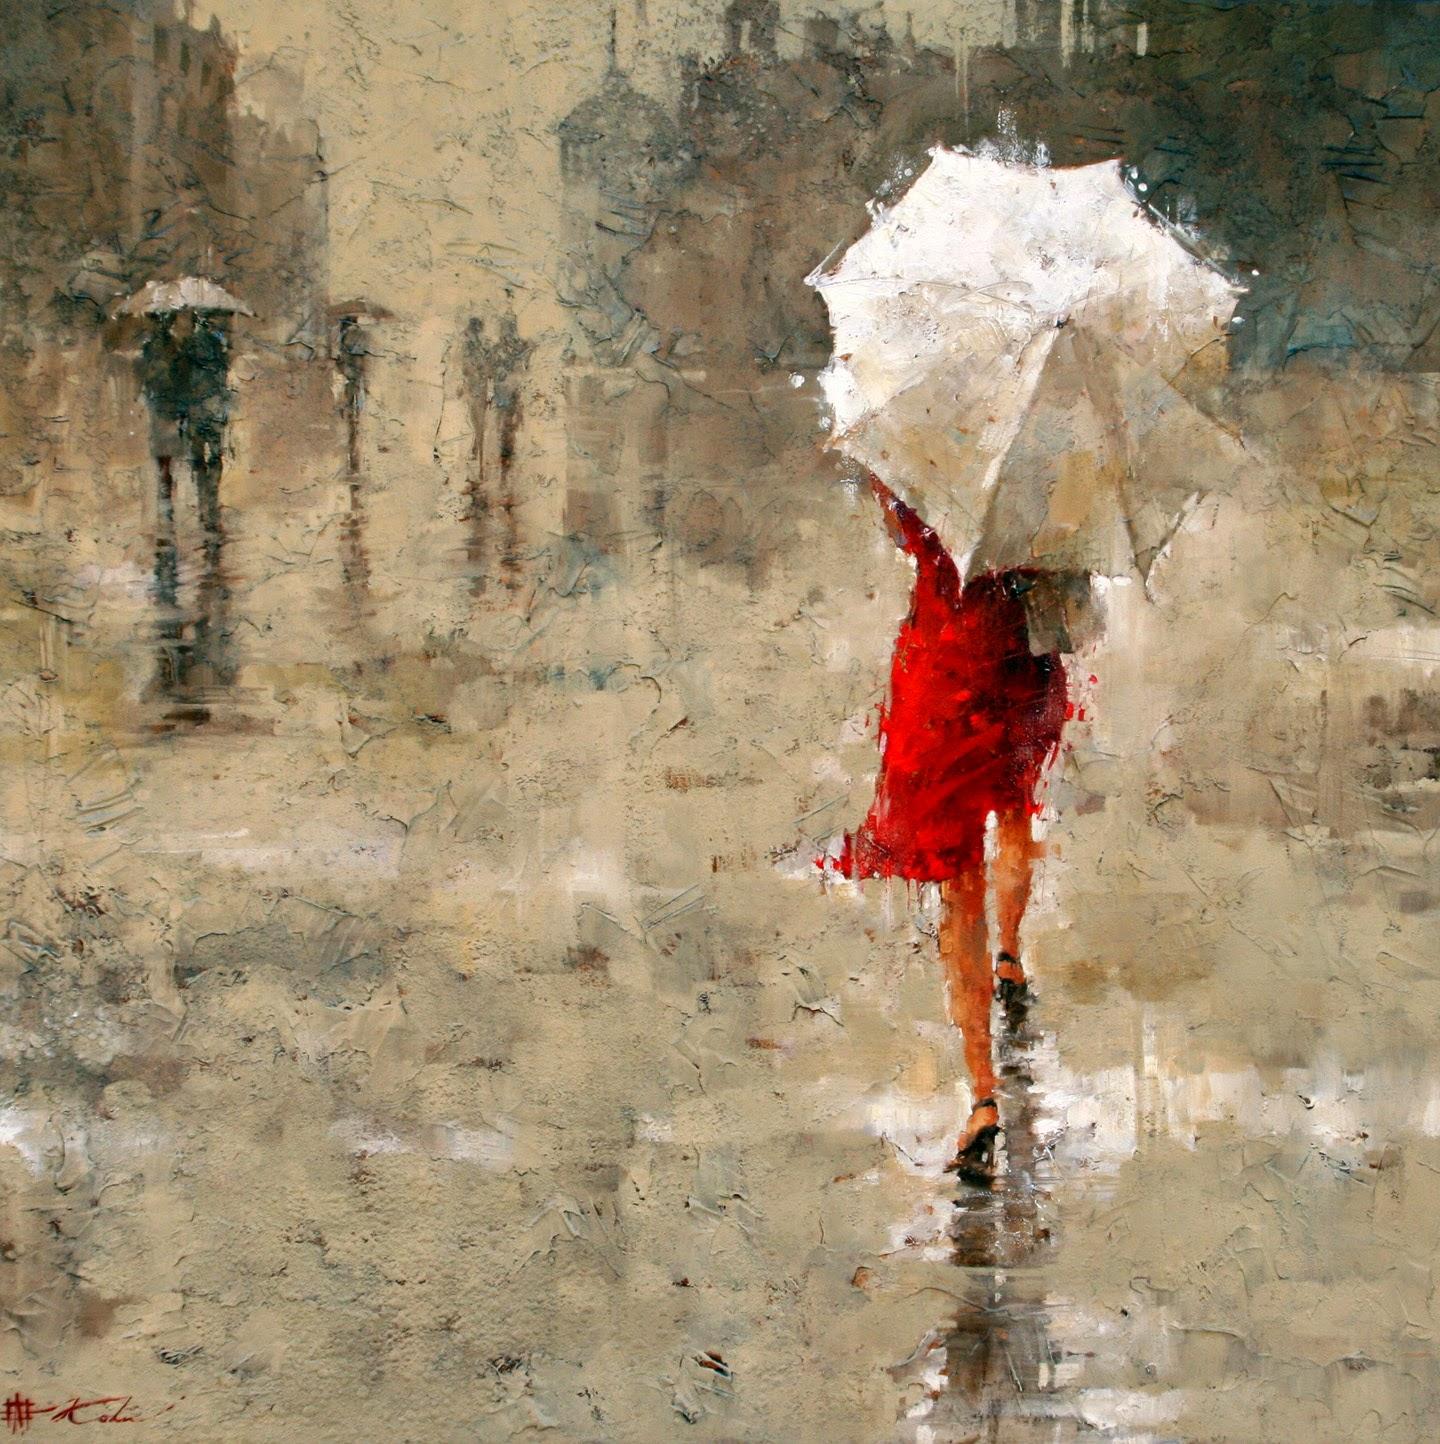 caminhando na chuva - pinturas com espátula